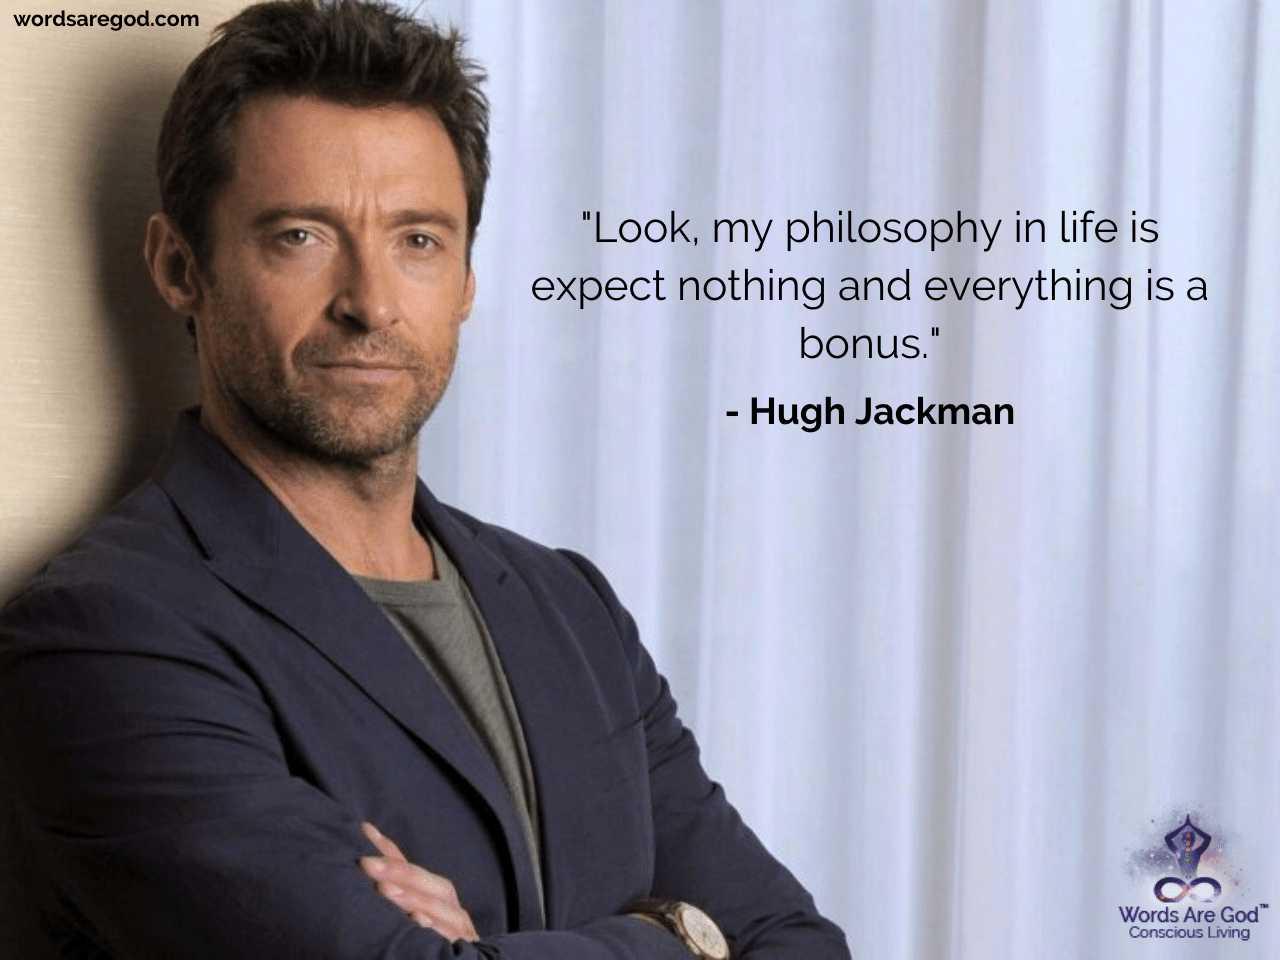 Hugh Jackman Inspirational Quotes